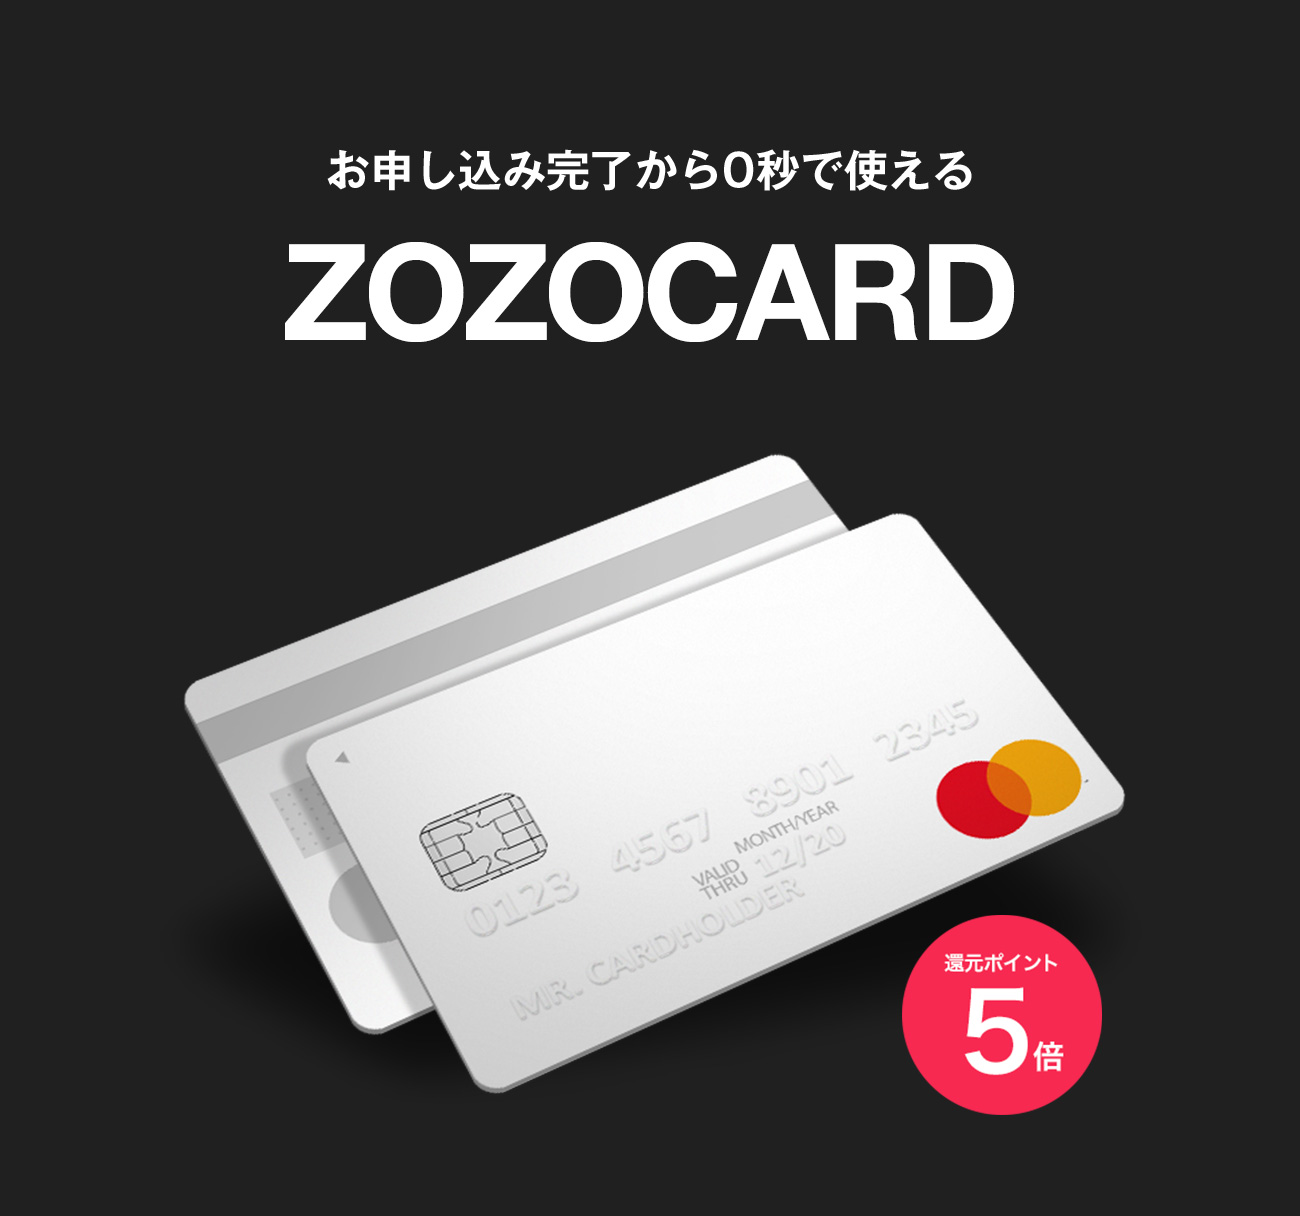 zozocard